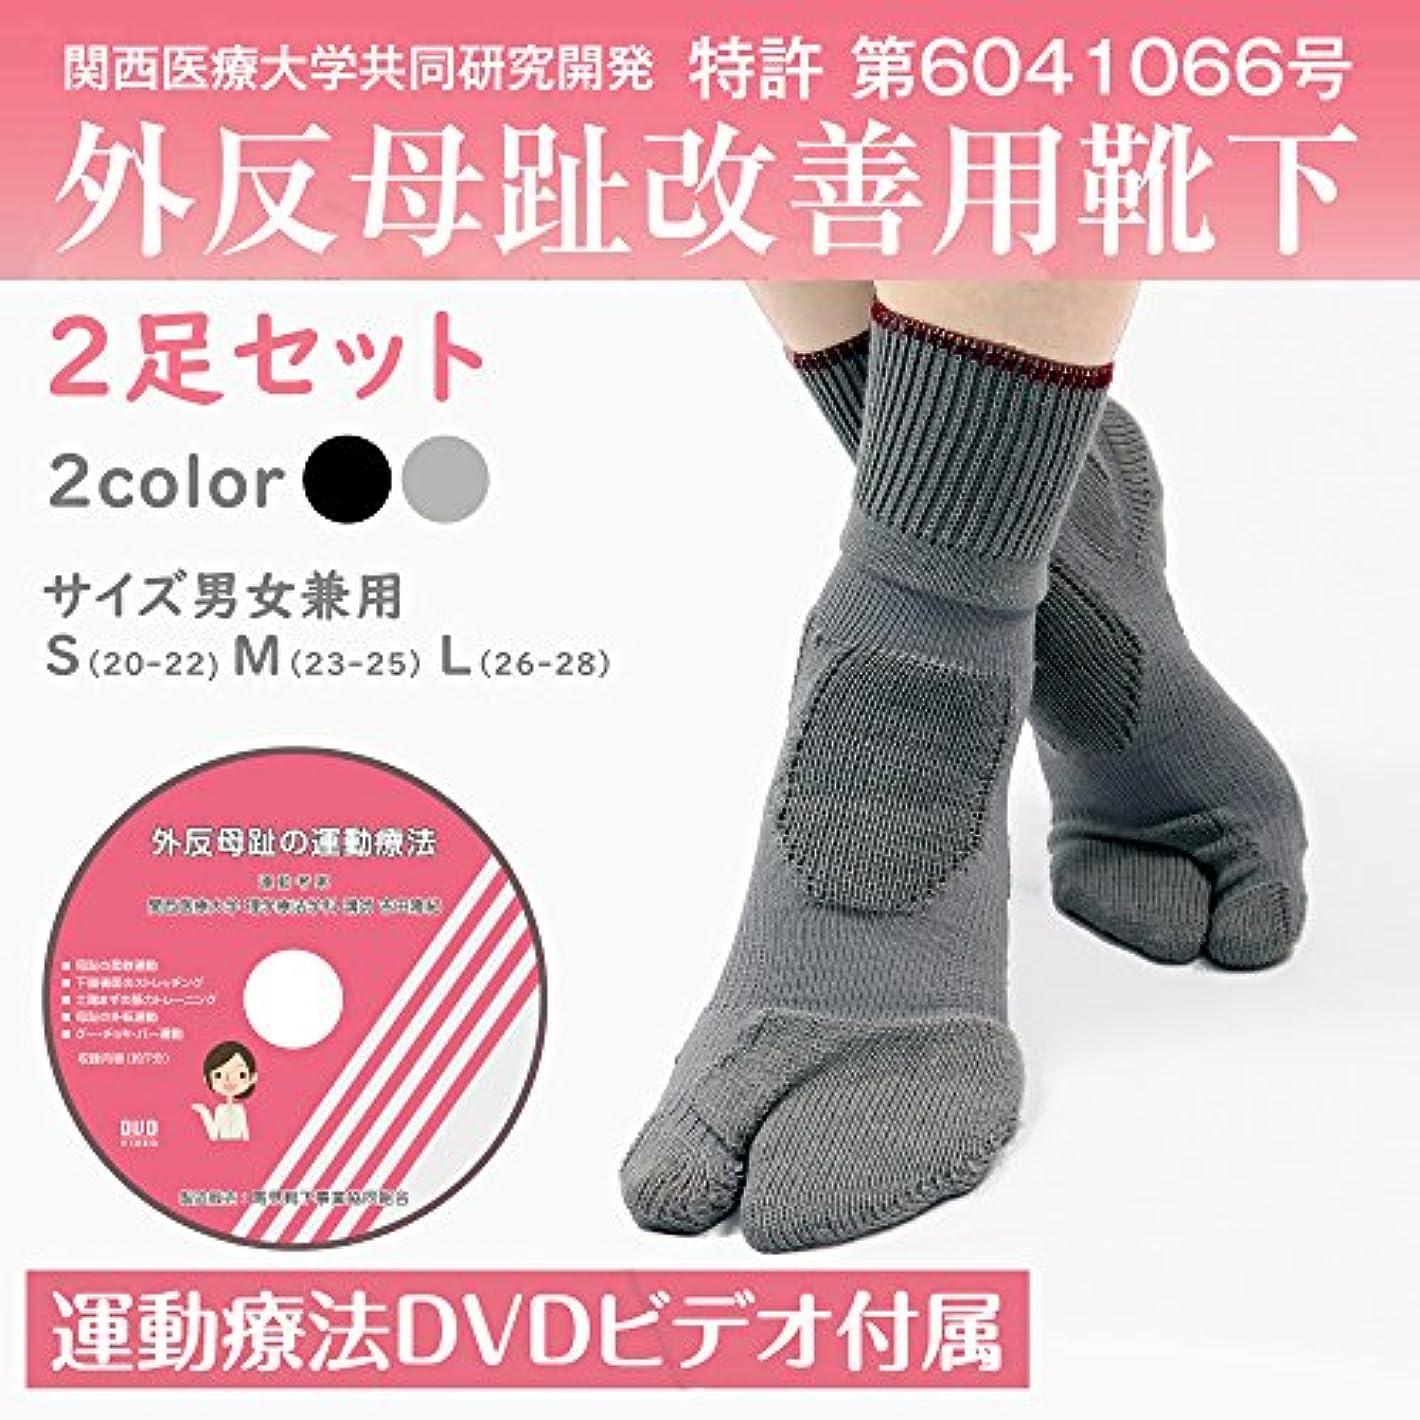 購入睡眠コンピューター外反母趾改善用靴下2足セット、運動療法DVDビデオ付(カサネラボ)kasane lab. (グレー, M:23-25cm)